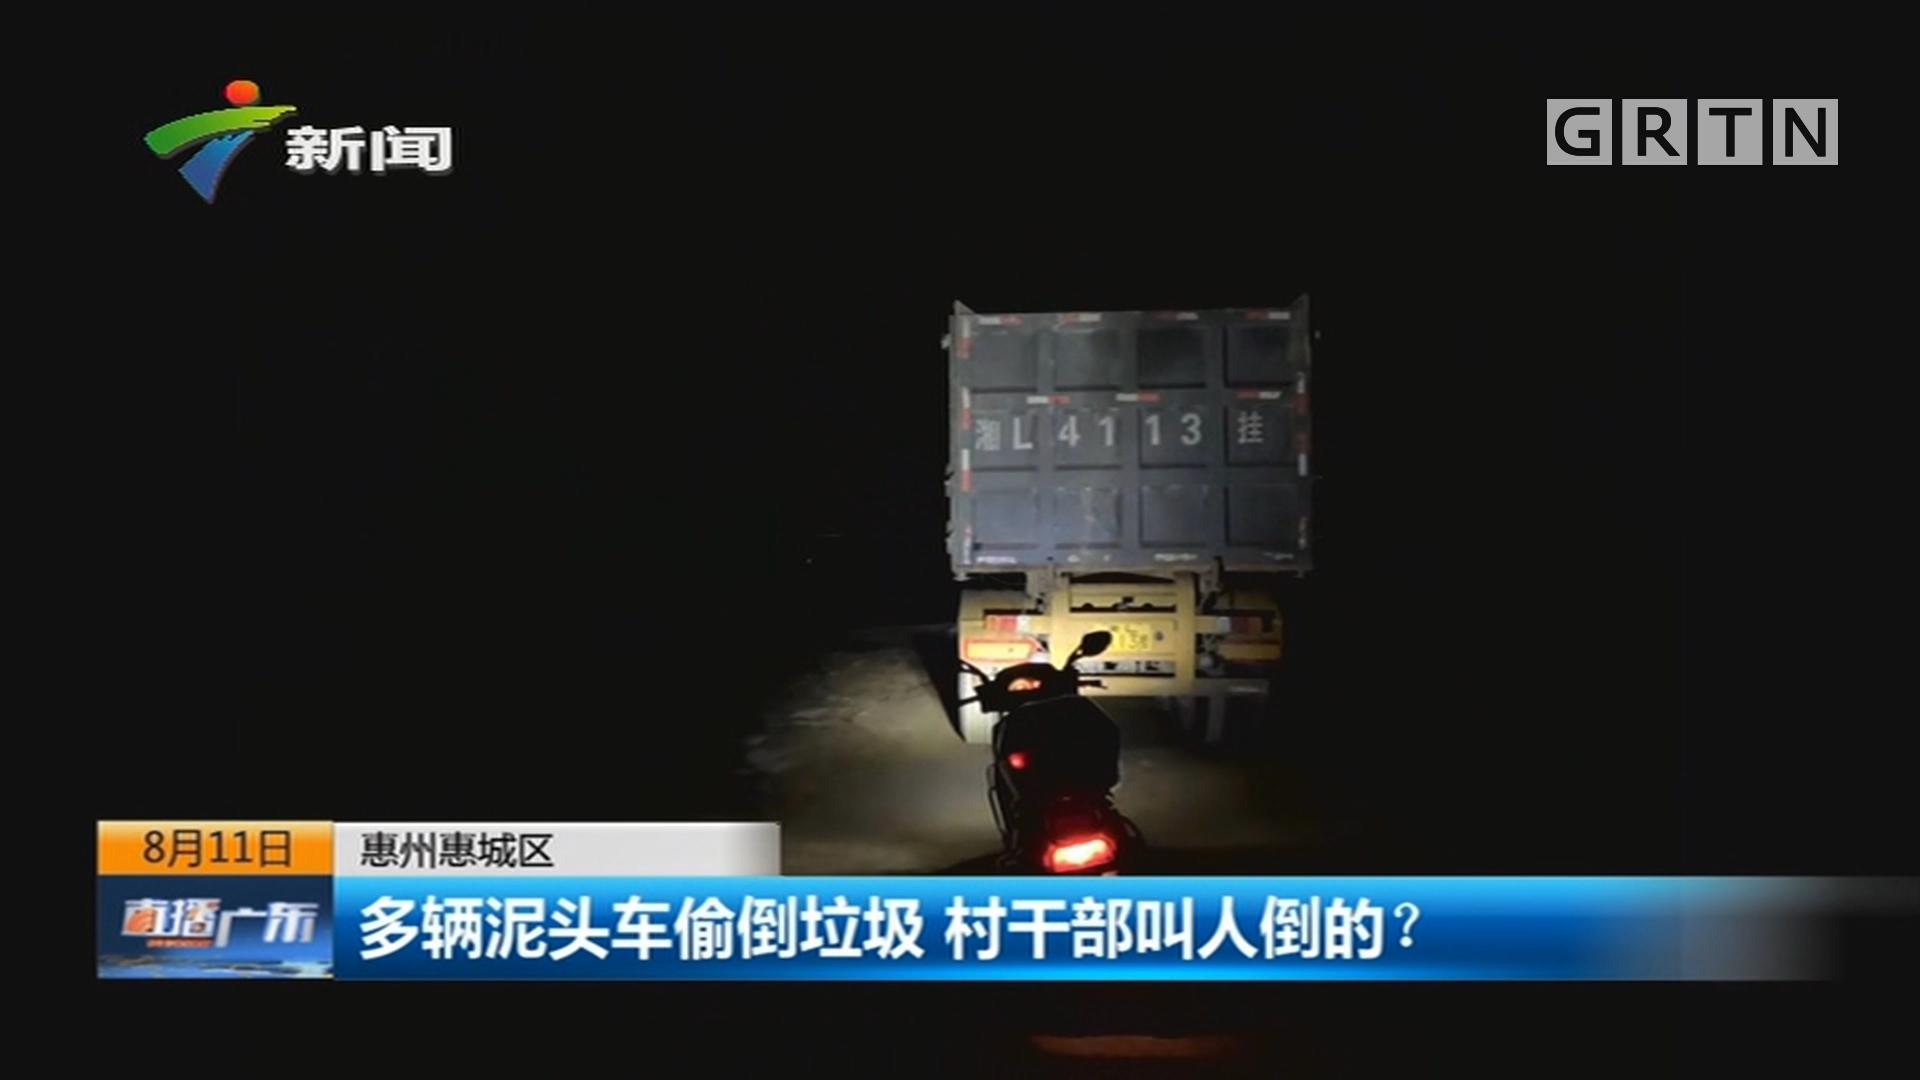 惠州惠城区 多辆泥头车偷倒垃圾 村干部叫人倒的?